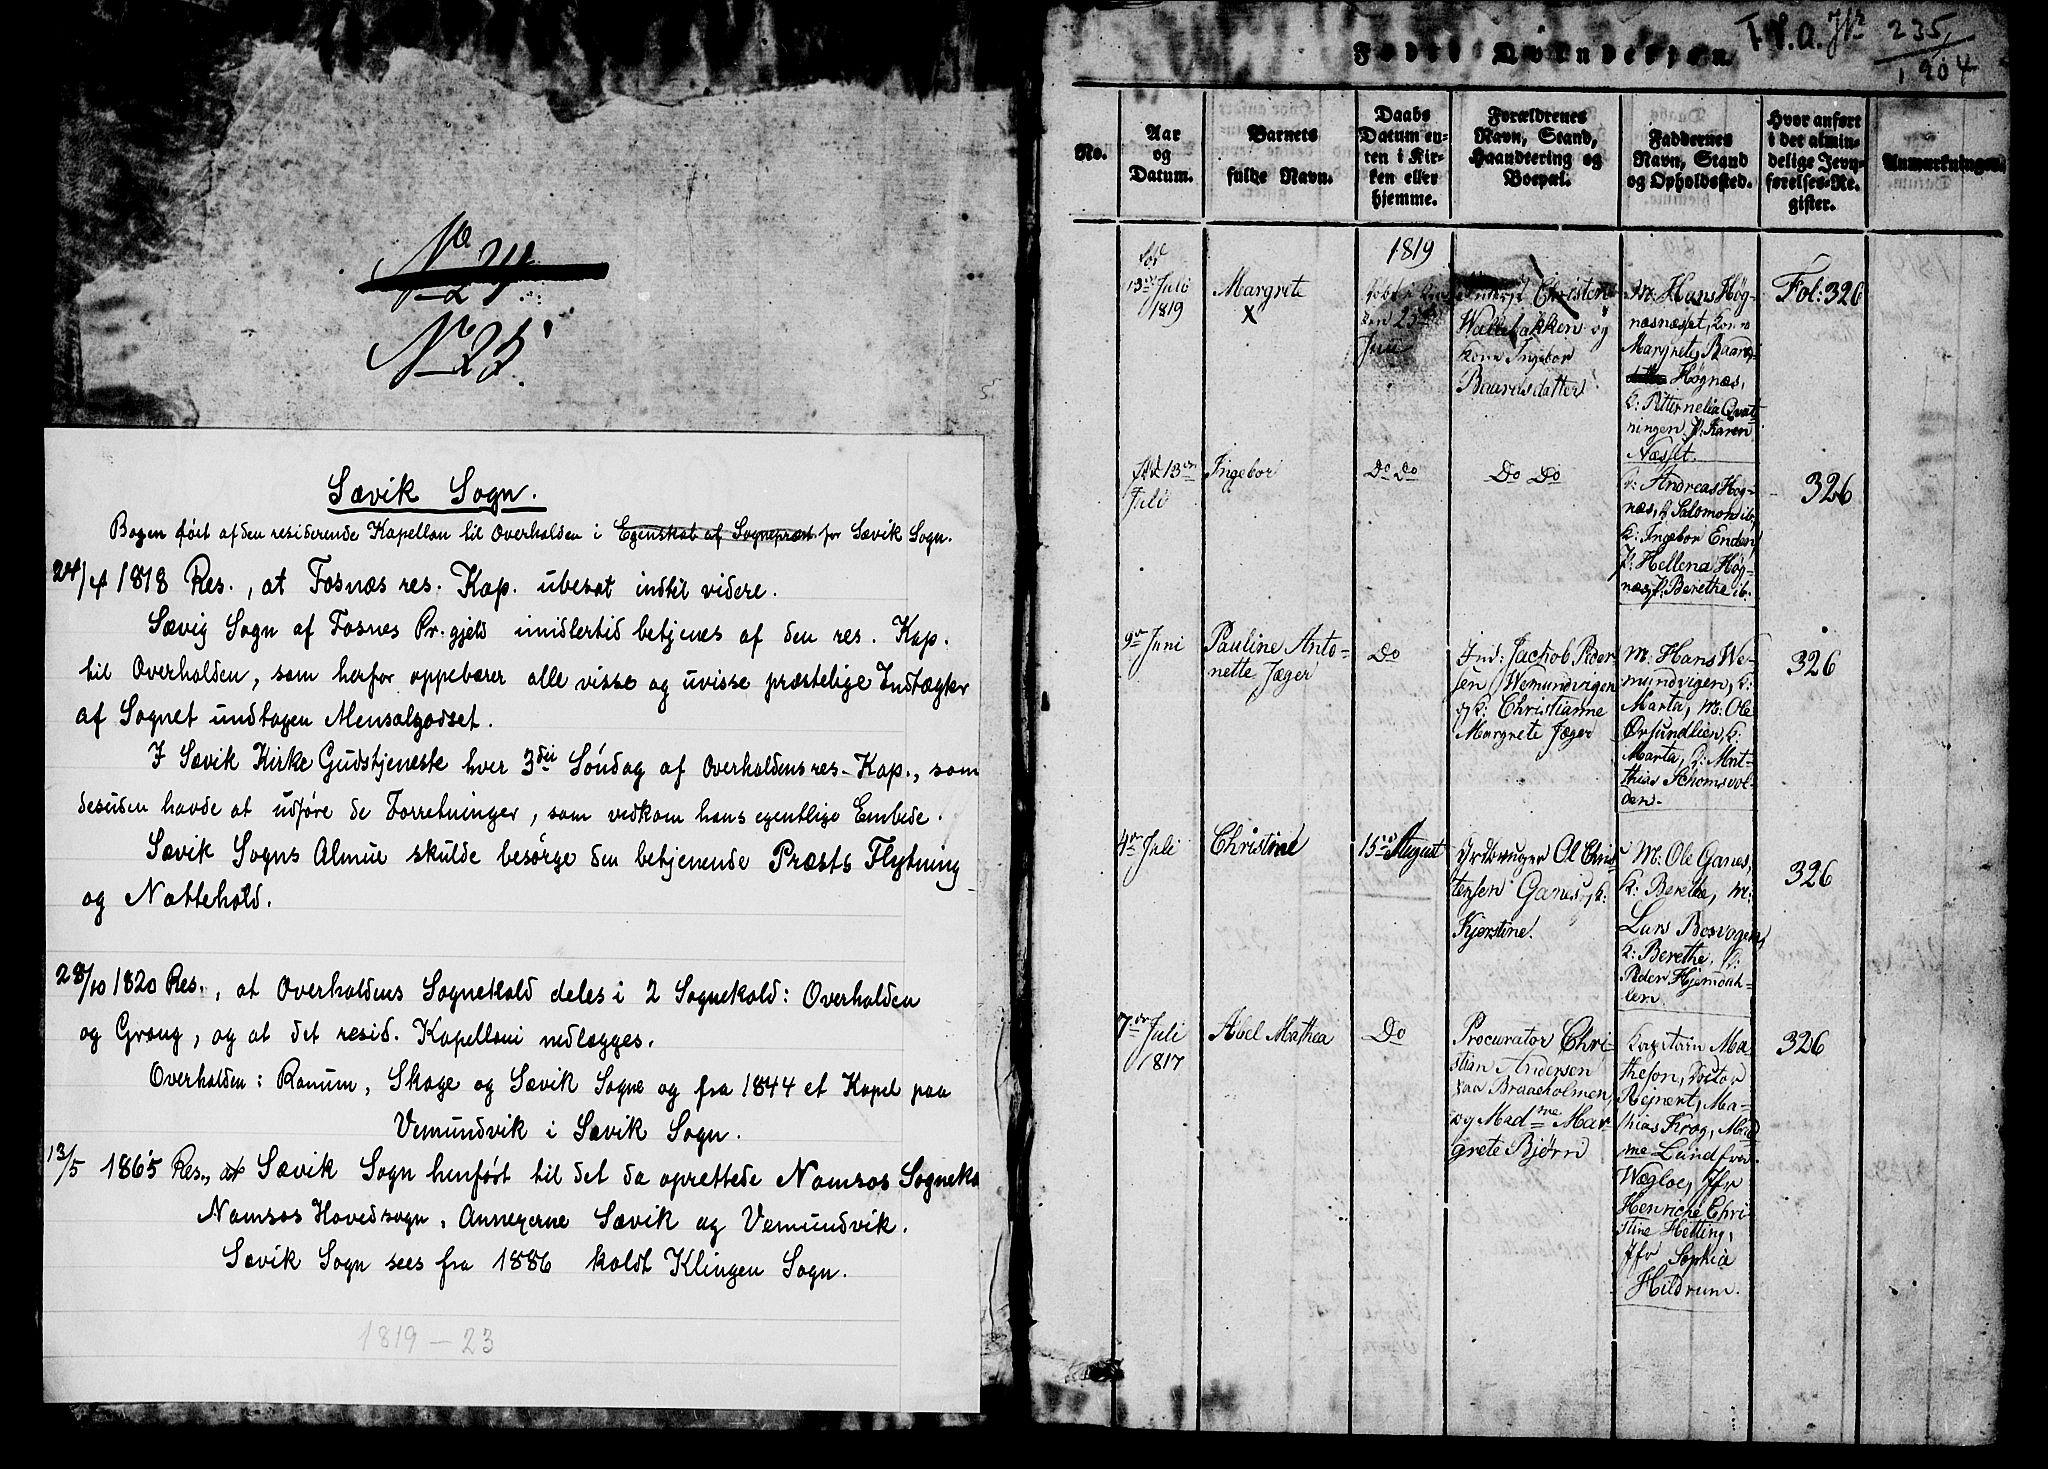 SAT, Ministerialprotokoller, klokkerbøker og fødselsregistre - Nord-Trøndelag, 770/L0588: Ministerialbok nr. 770A02, 1819-1823, s. 1